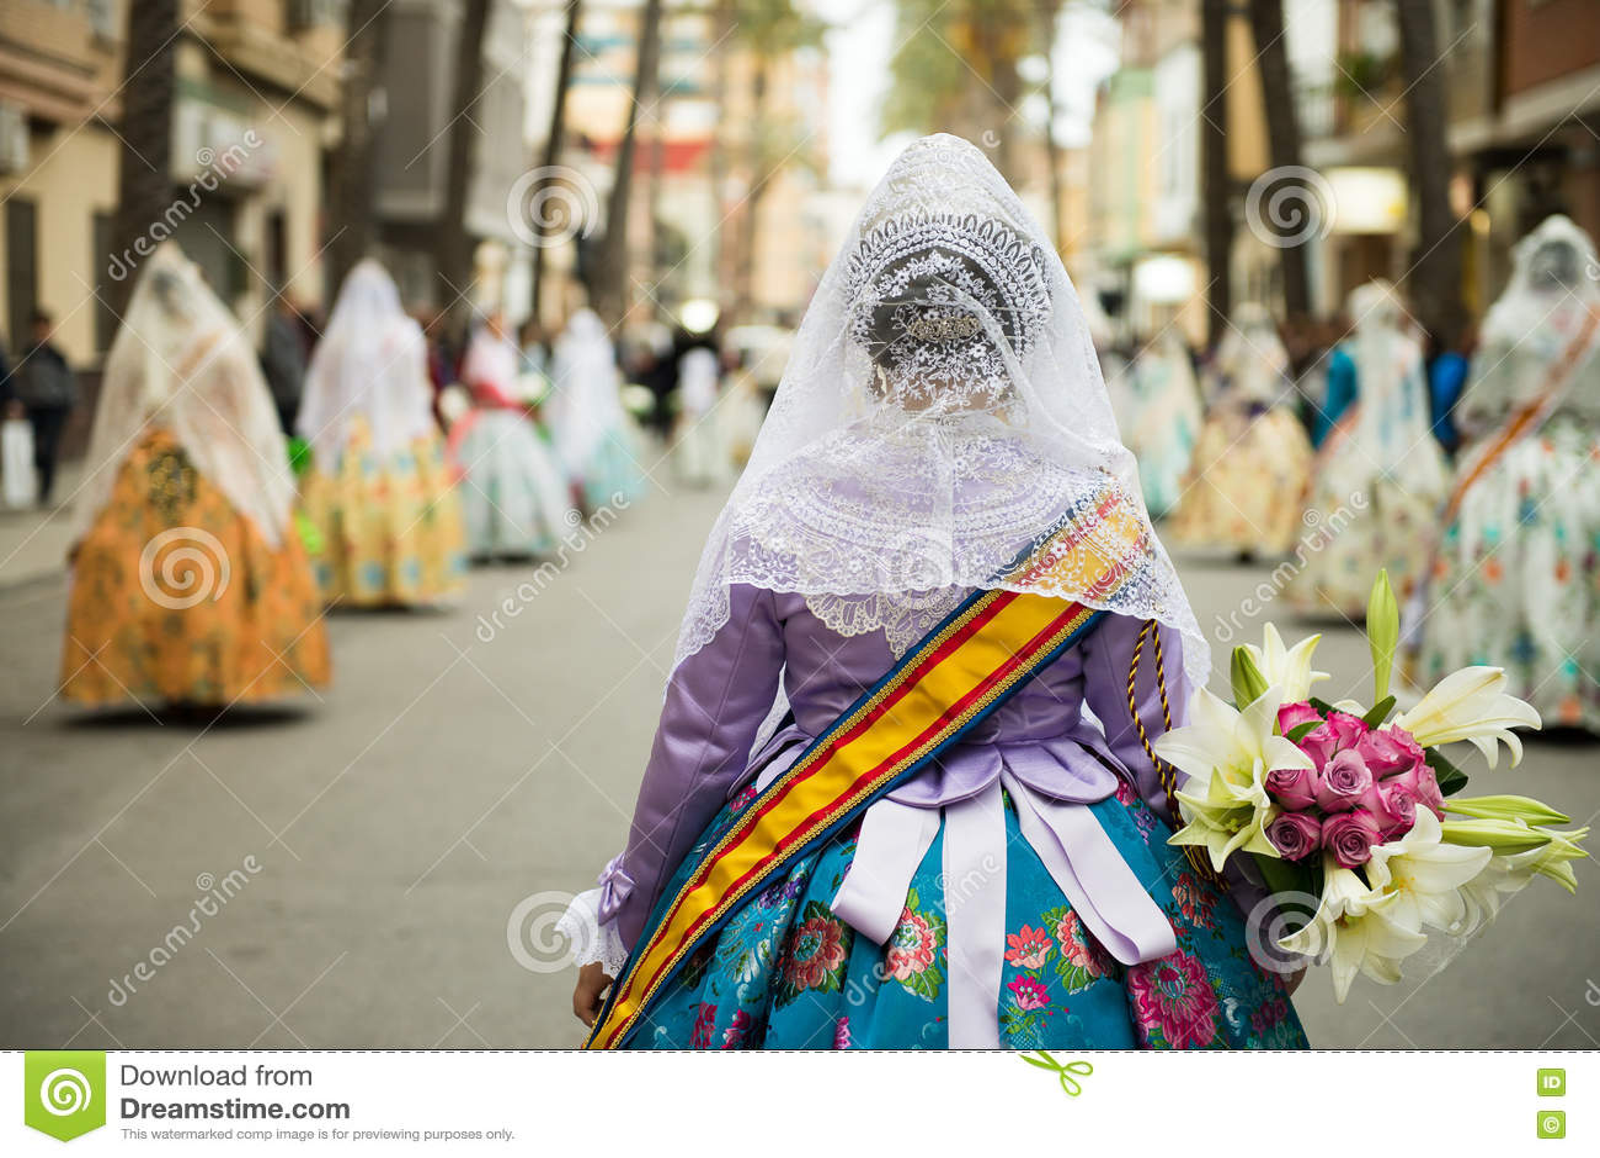 Desfile de Fallas en Valencia